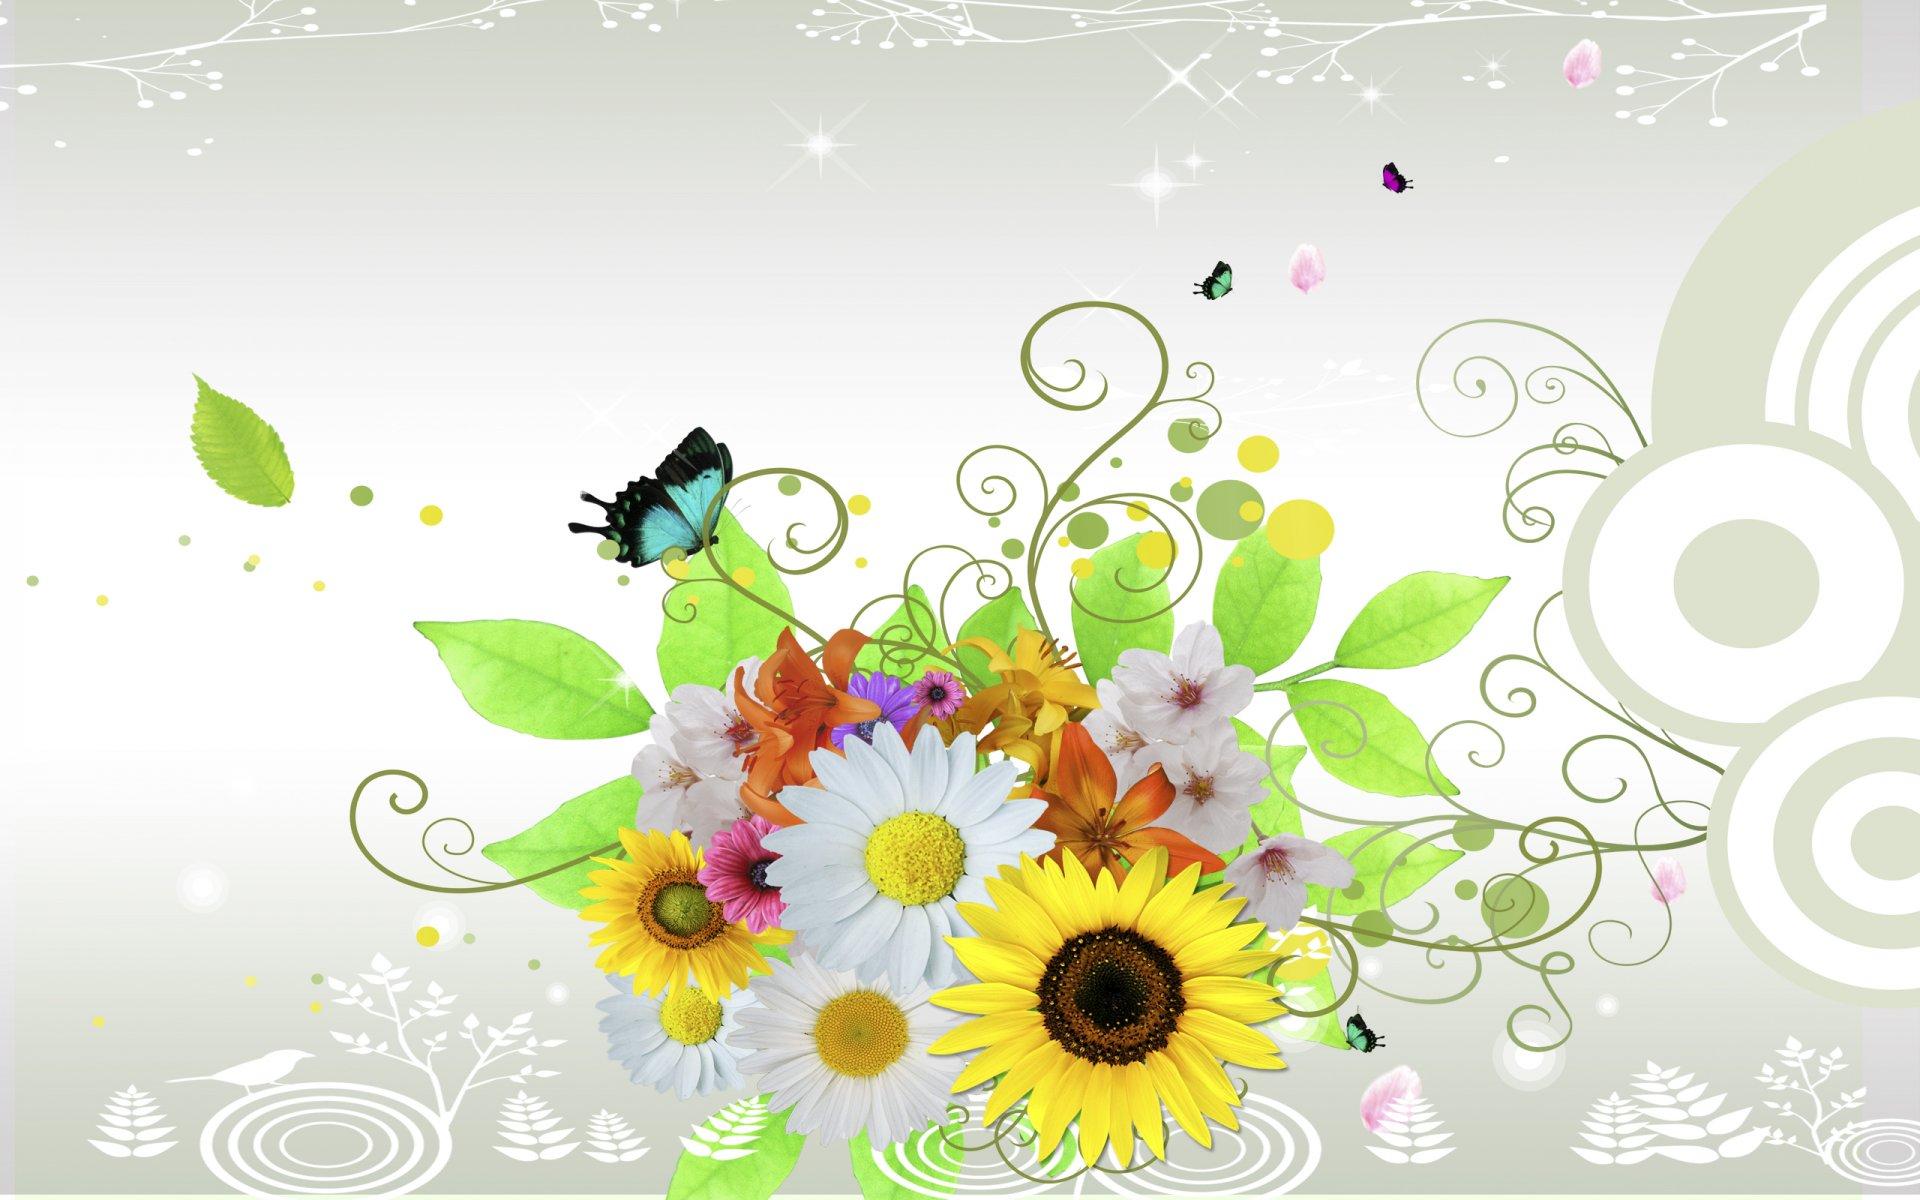 Красивые картинки с цветами для афиши посмотрели